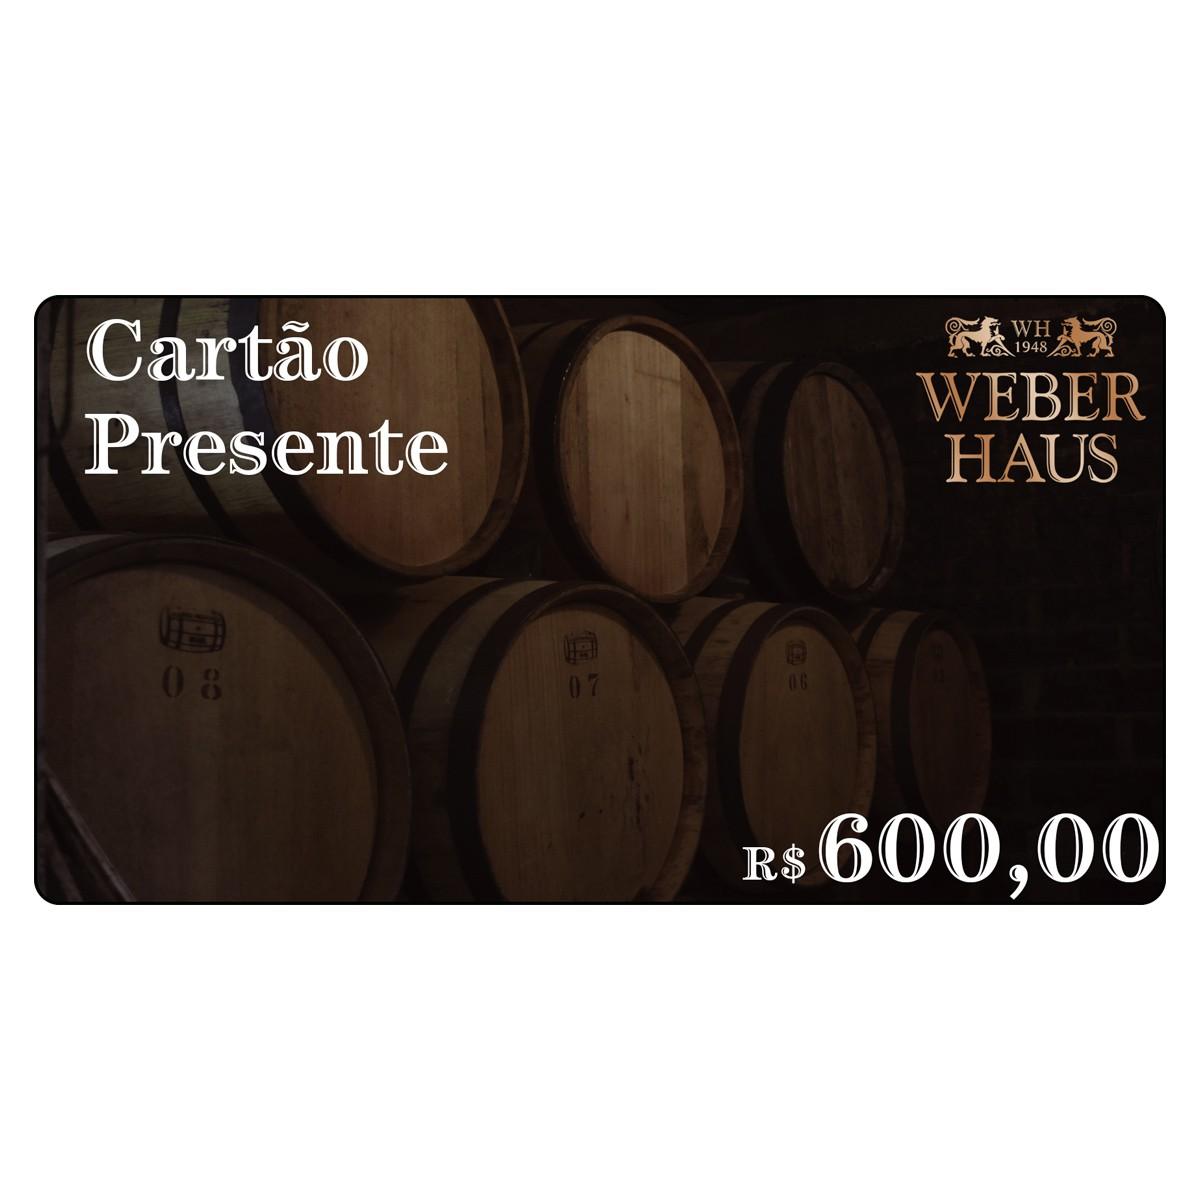 Cartão Presente no Valor de R$600,00